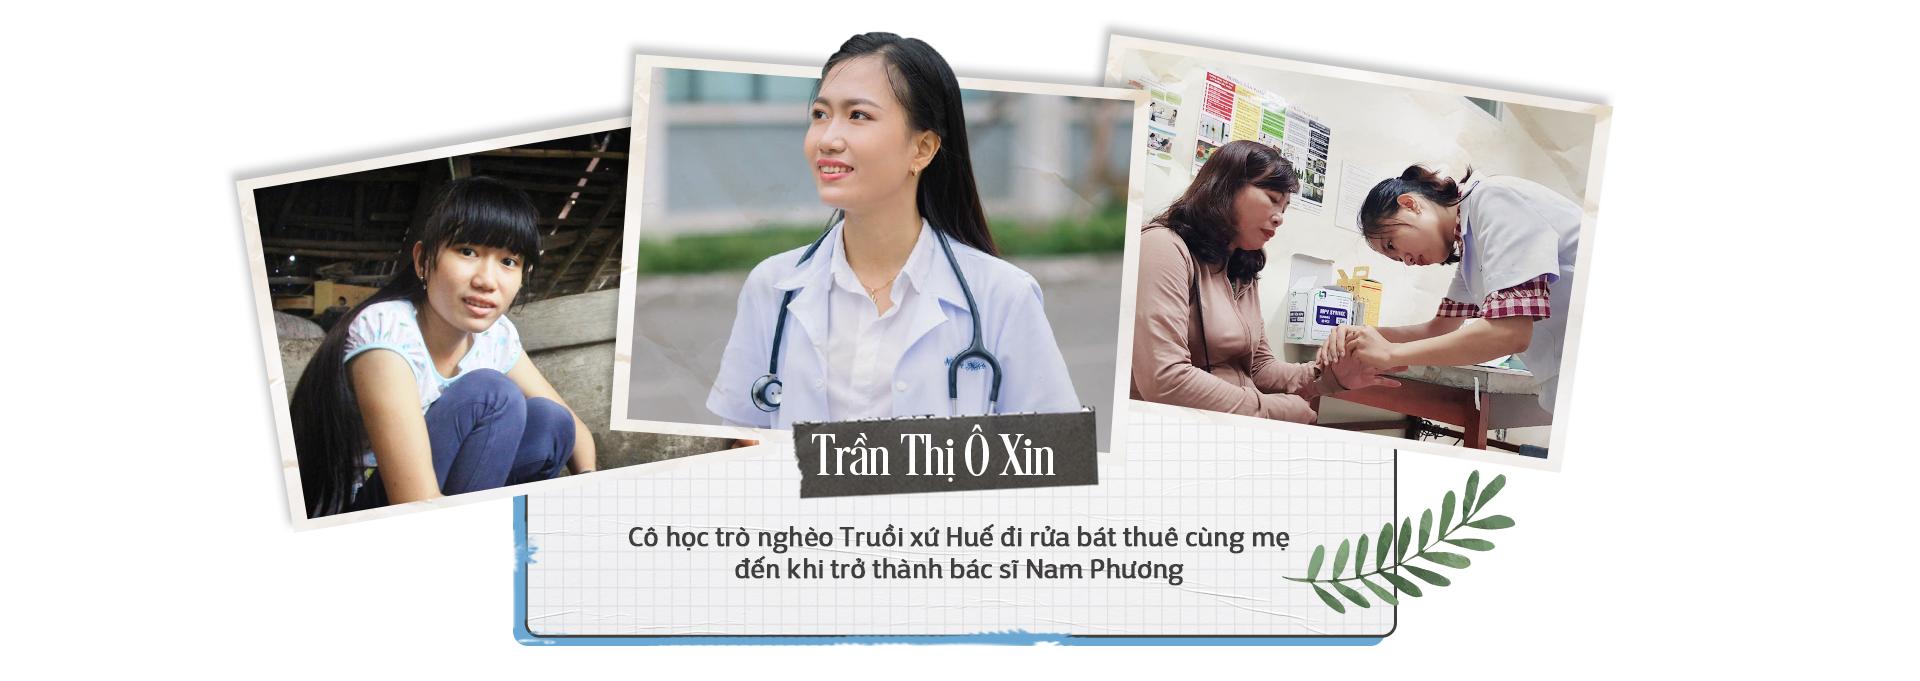 Những câu chuyện nóng hổi tạo trend trong giới trẻ Việt 2019 - Ảnh 6.